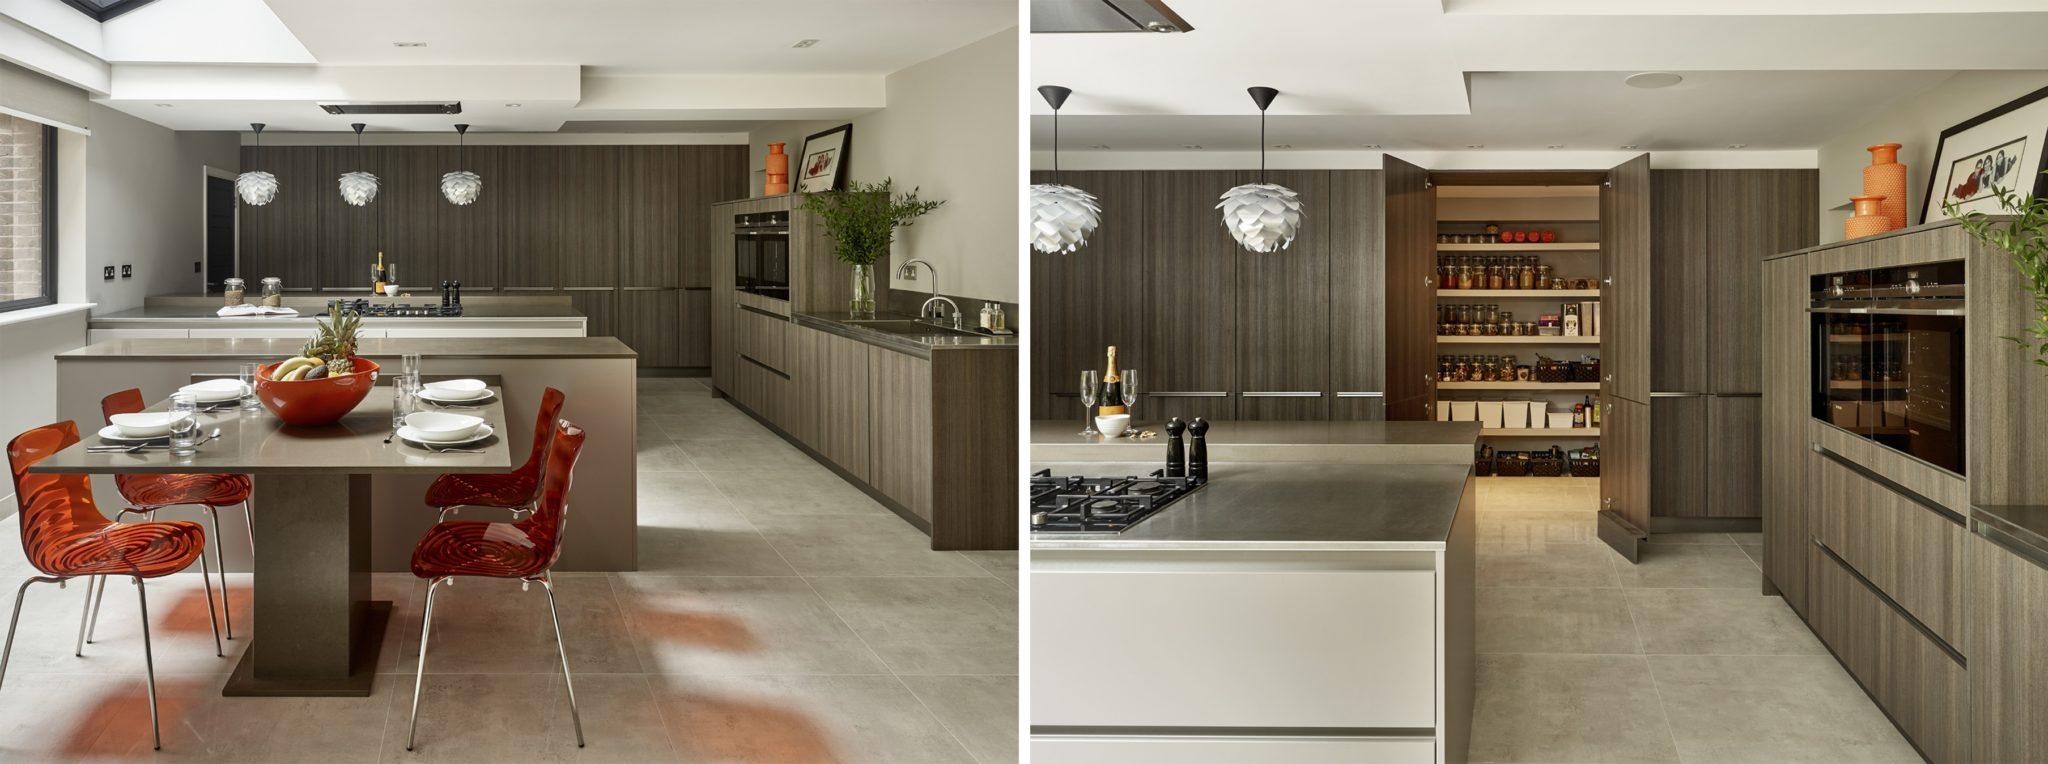 Dulwich interior designer